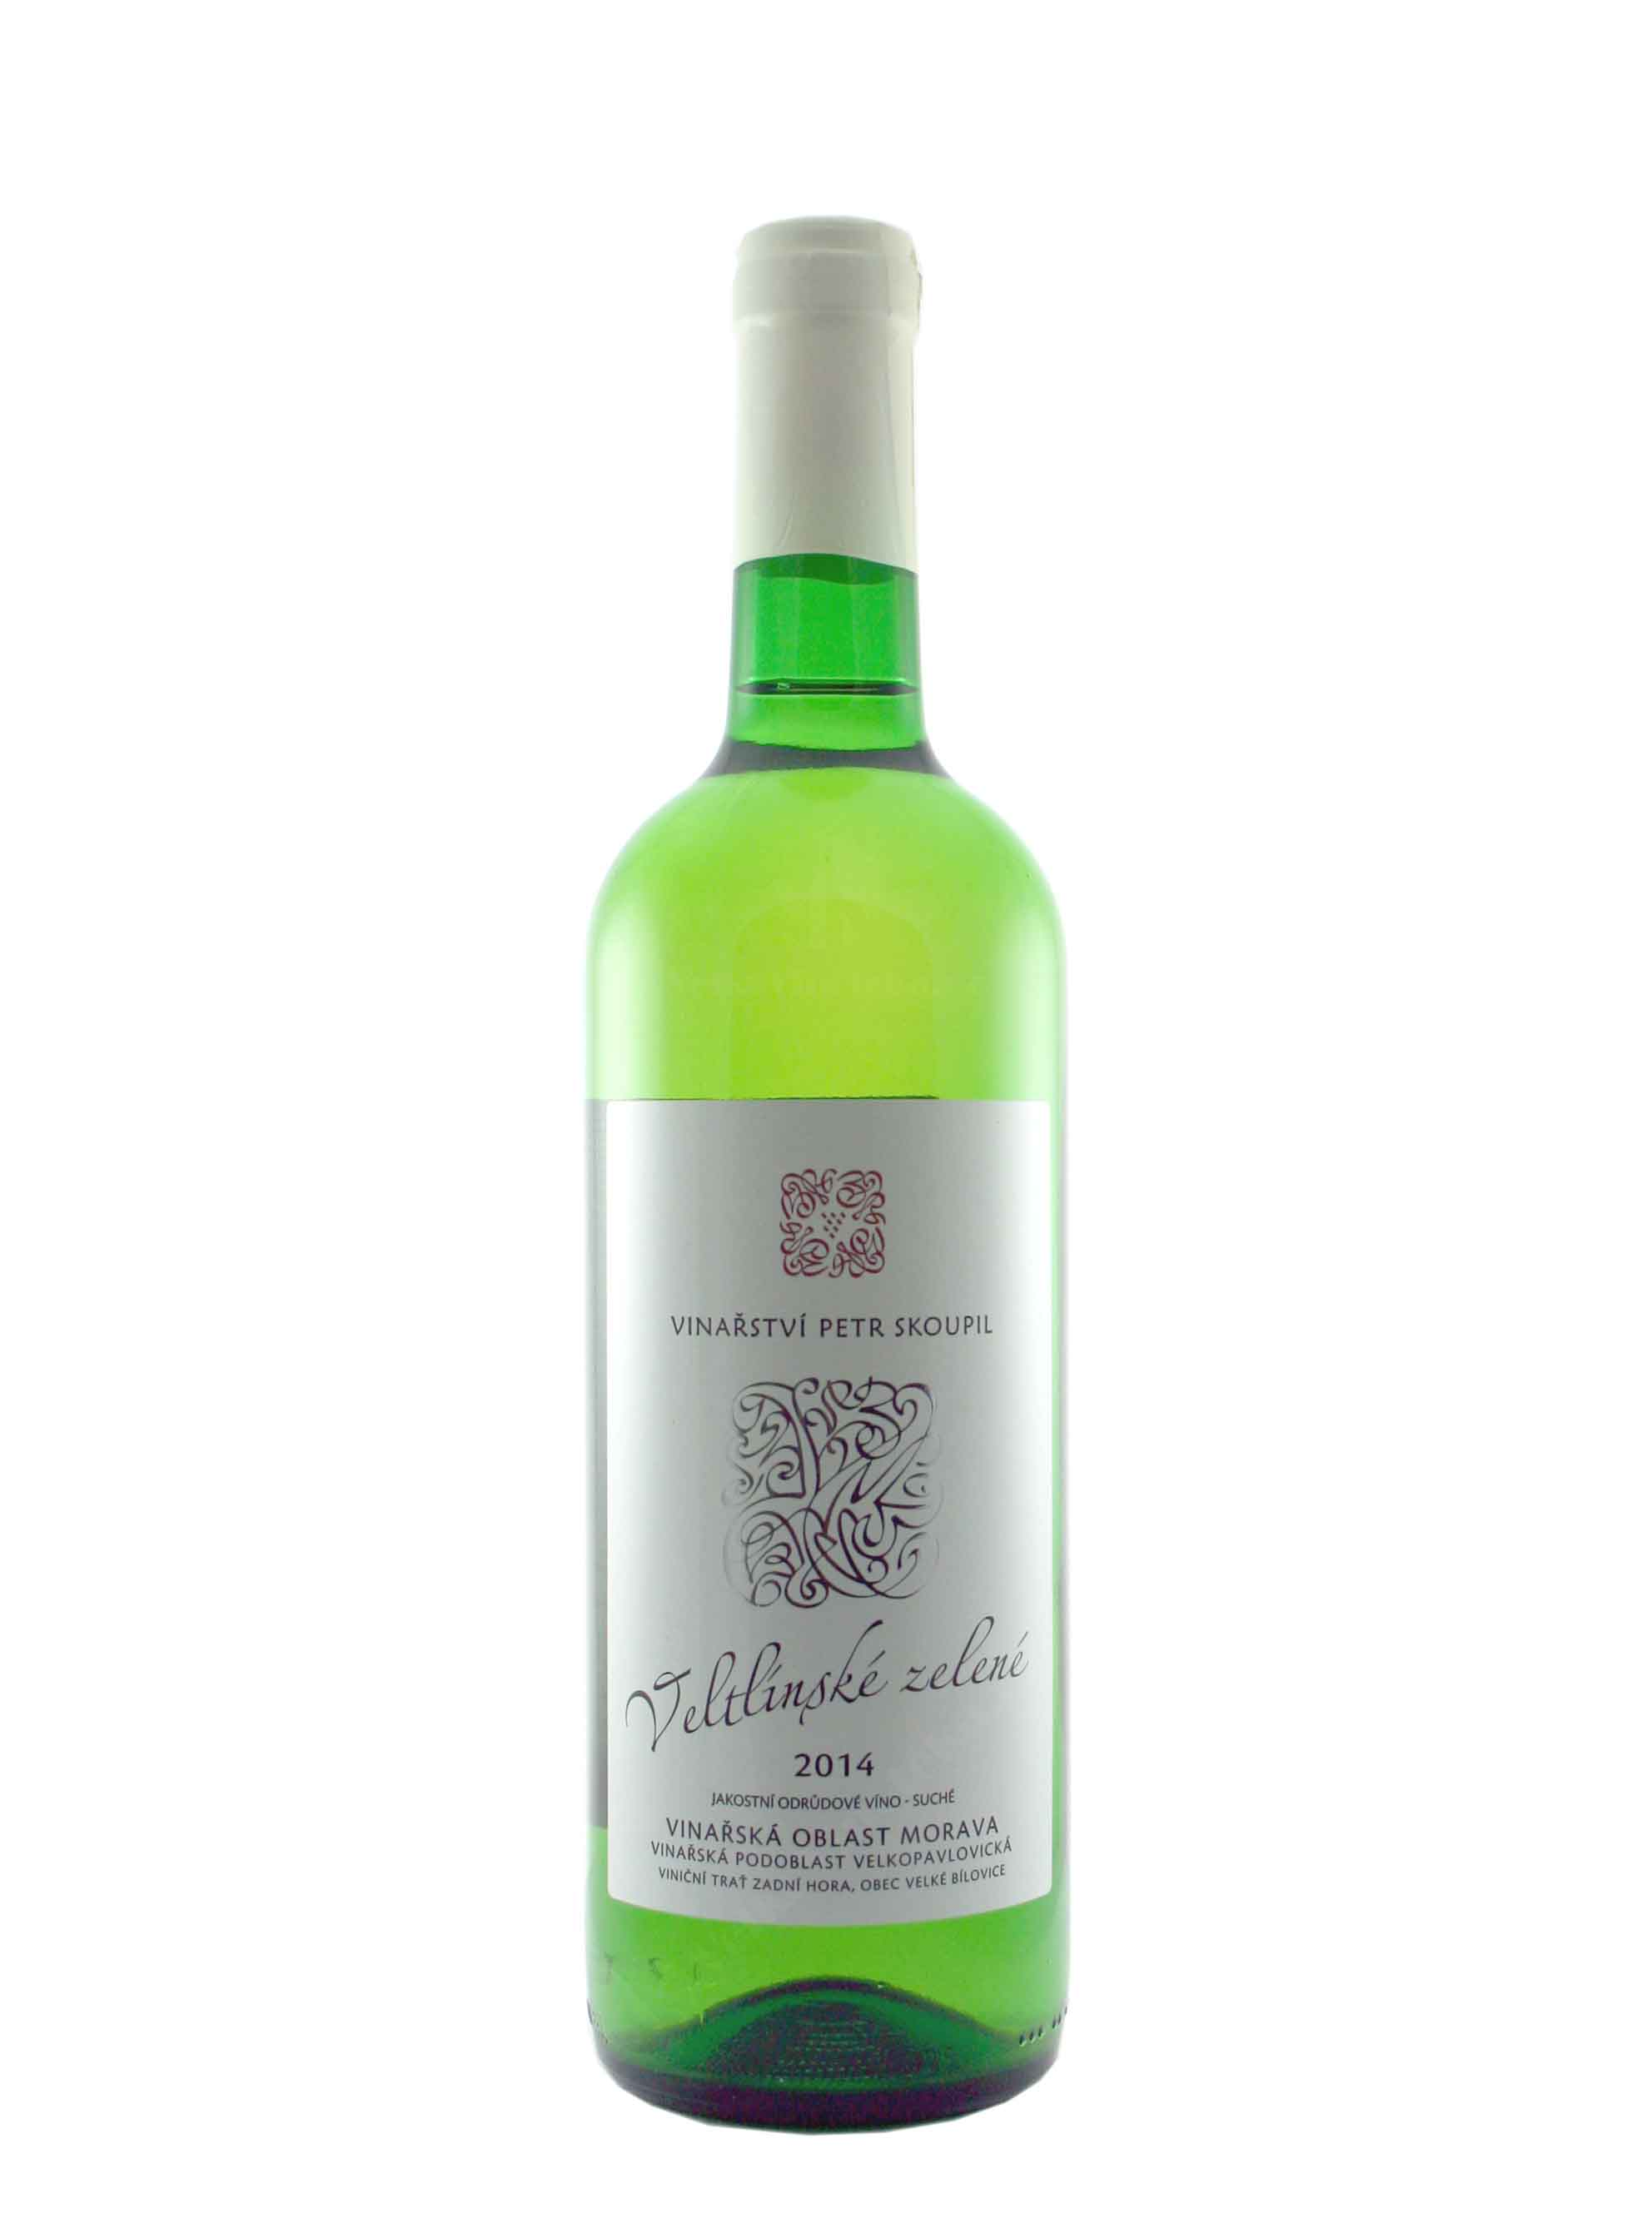 Veltlínské zelené, Jakostní odrůdové, 2014, Vinařství Petr Skoupil, 0.75 l